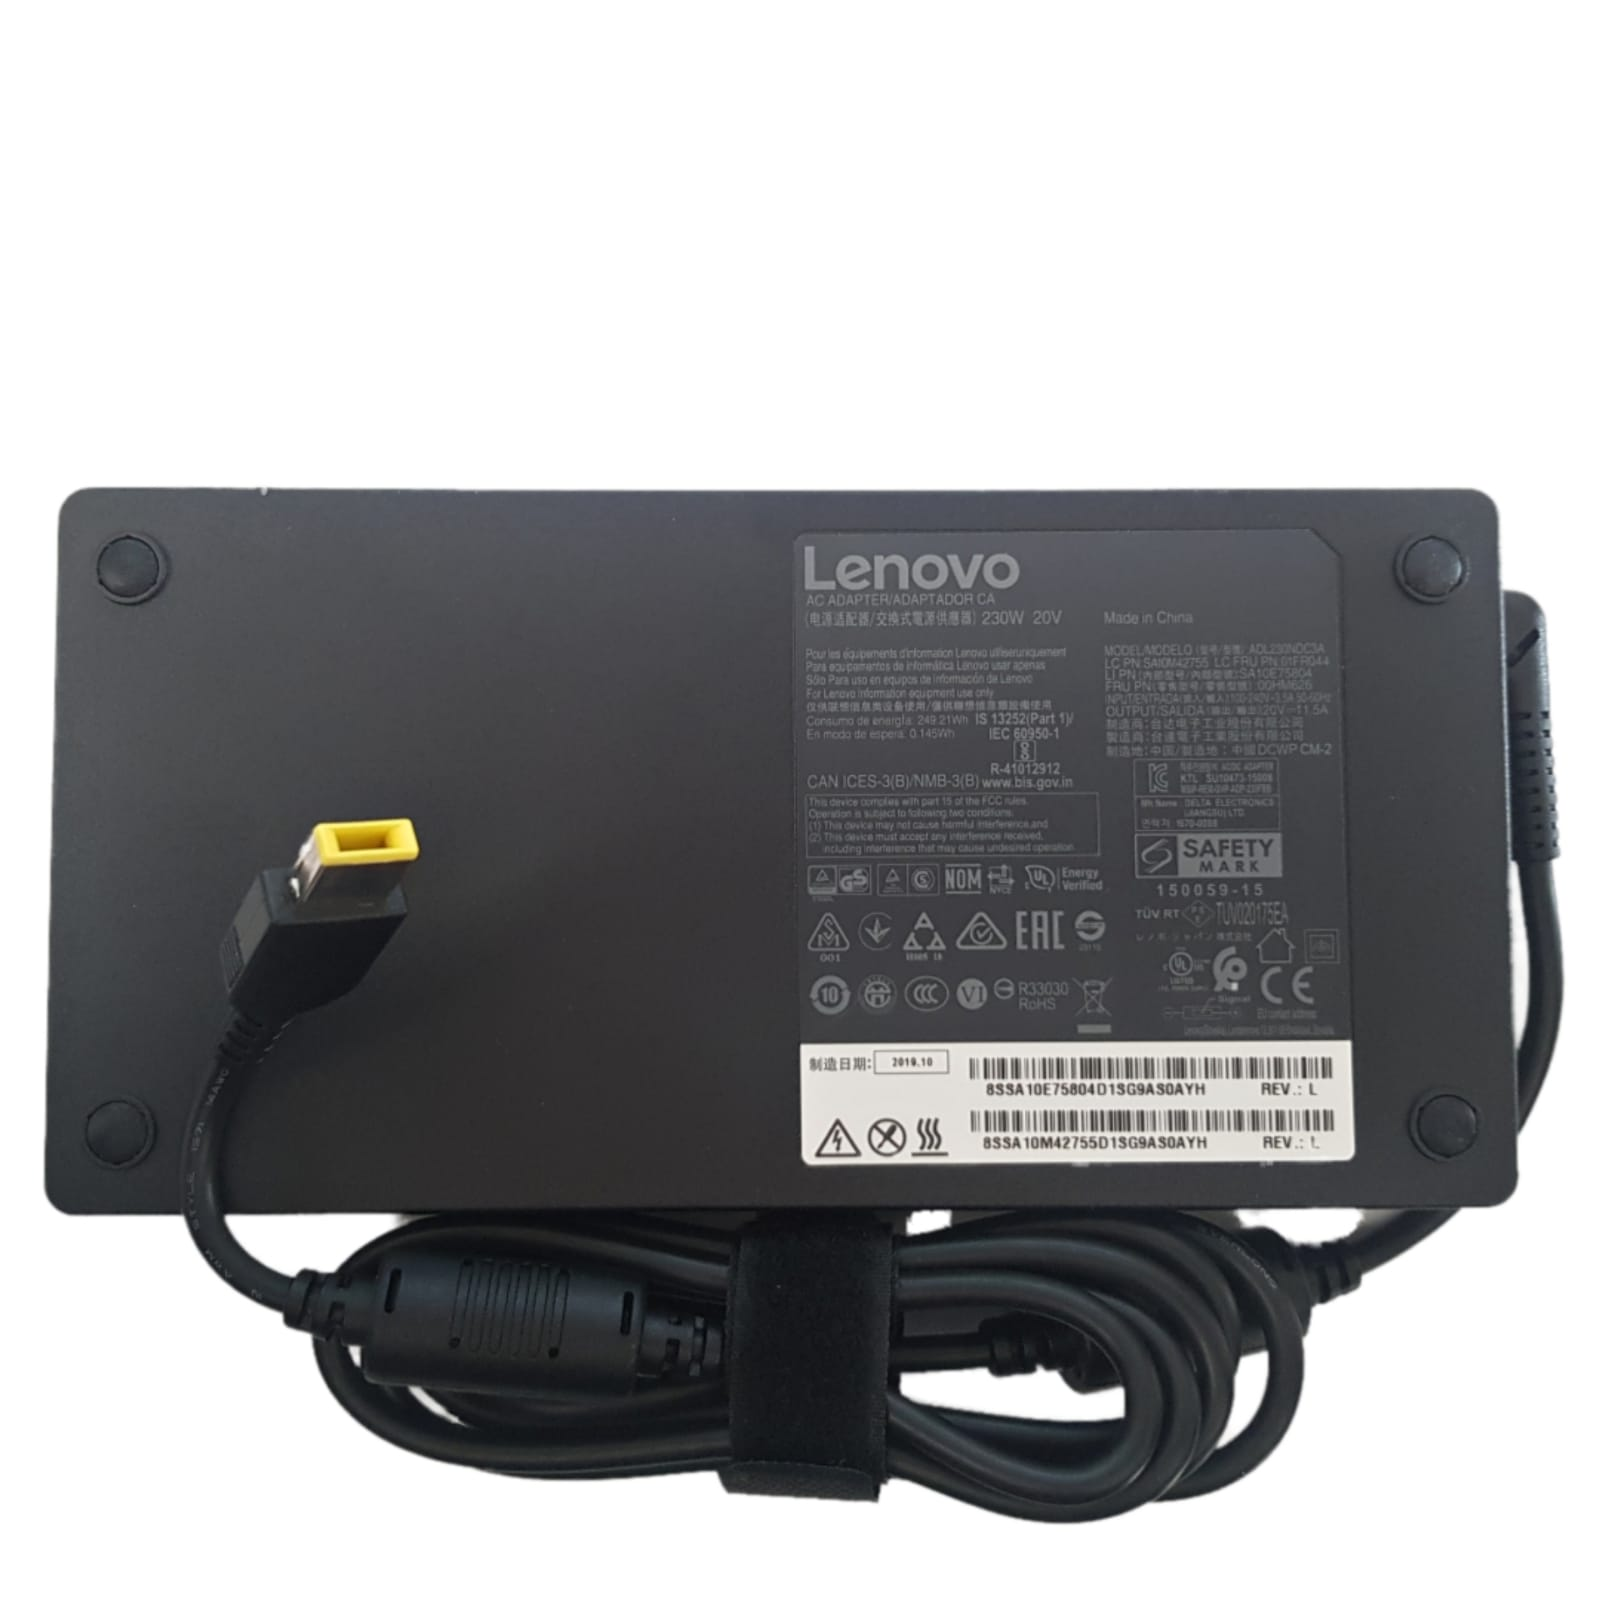 מטען למחשב נייד לנובו Lenovo Legion Y540-15IRH